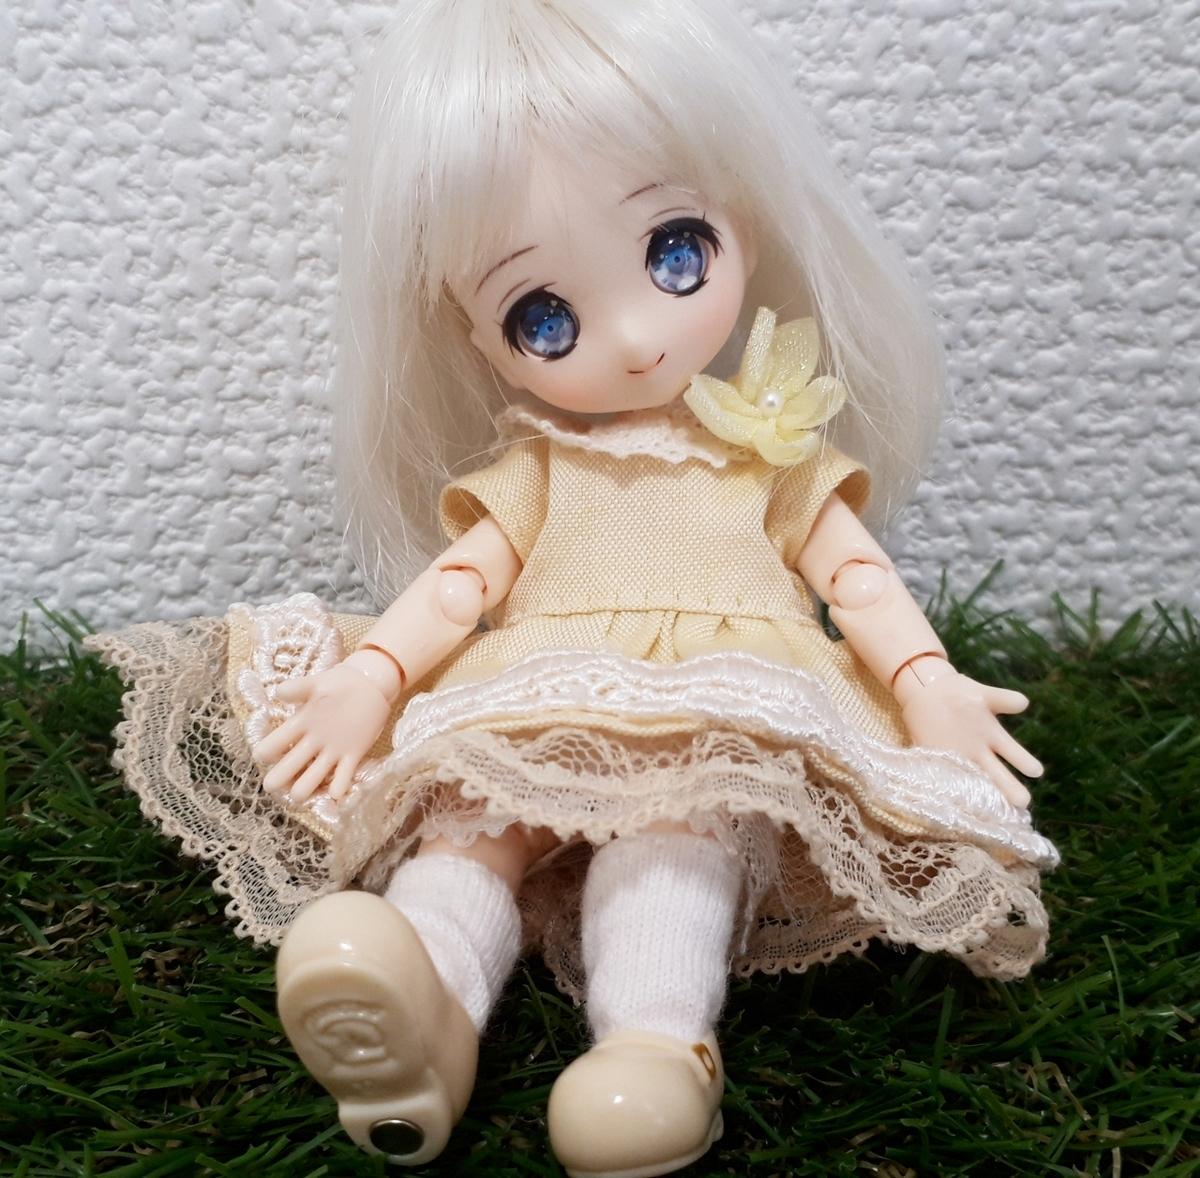 f:id:misami-33:20200605175306j:plain